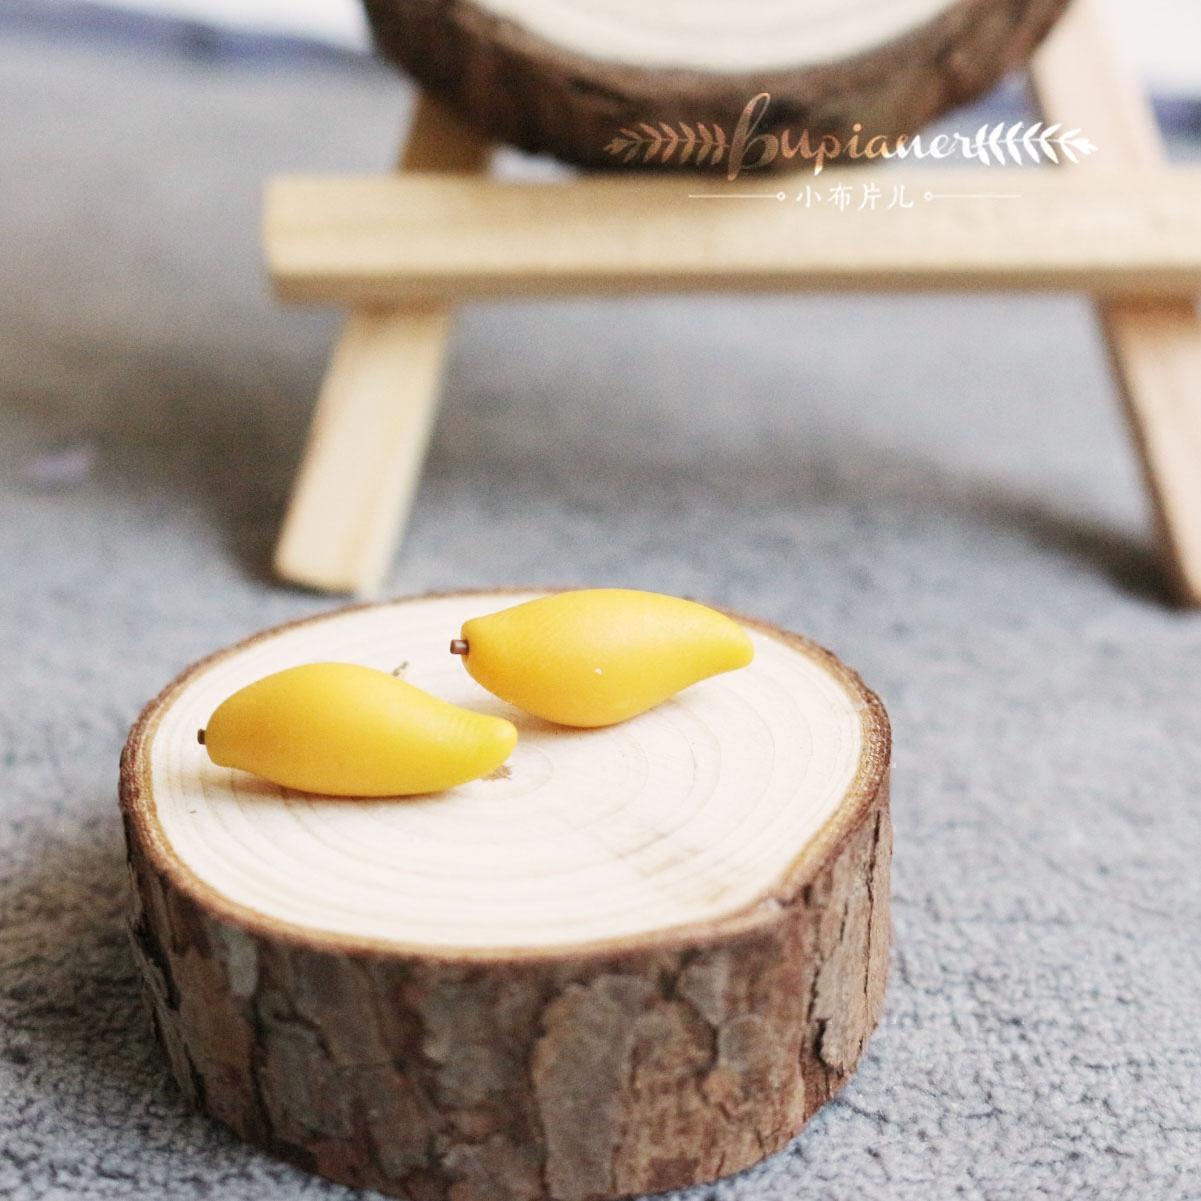 小布手作 芒果水果耳钉 迷你食物可爱萌甜美原创小清新纯银耳饰